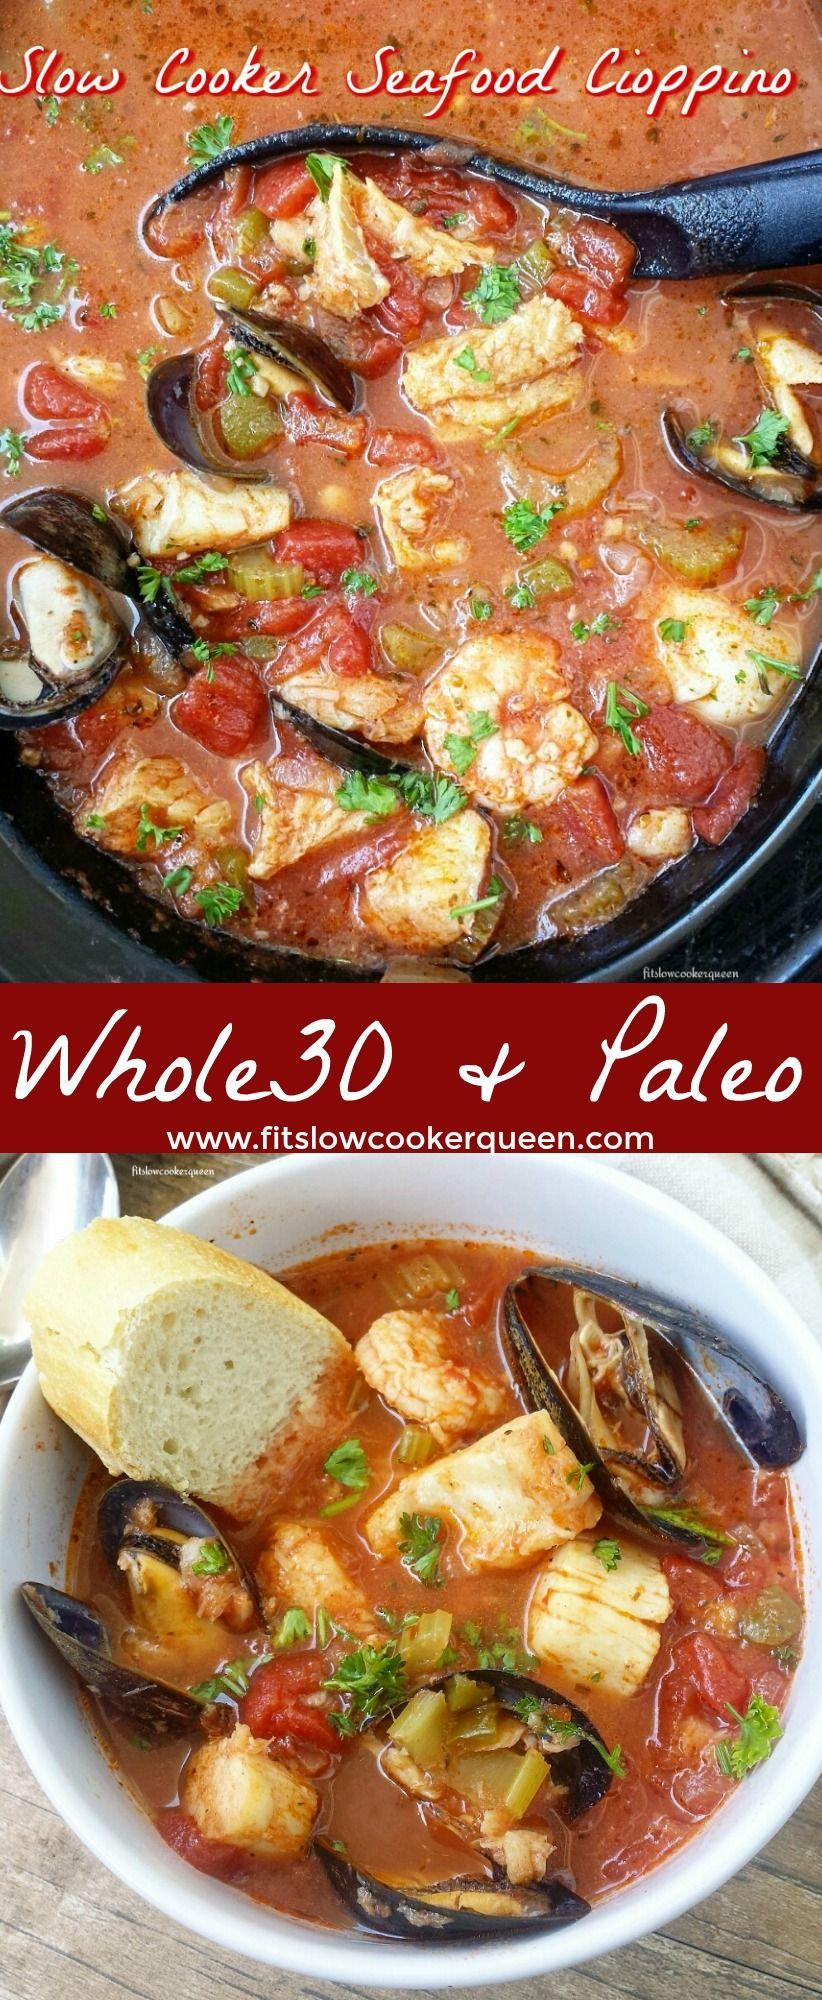 Cioppino Seafood Stew Recipe In 2020 Seafood Stew Recipes Stew Recipes Cioppino Recipe